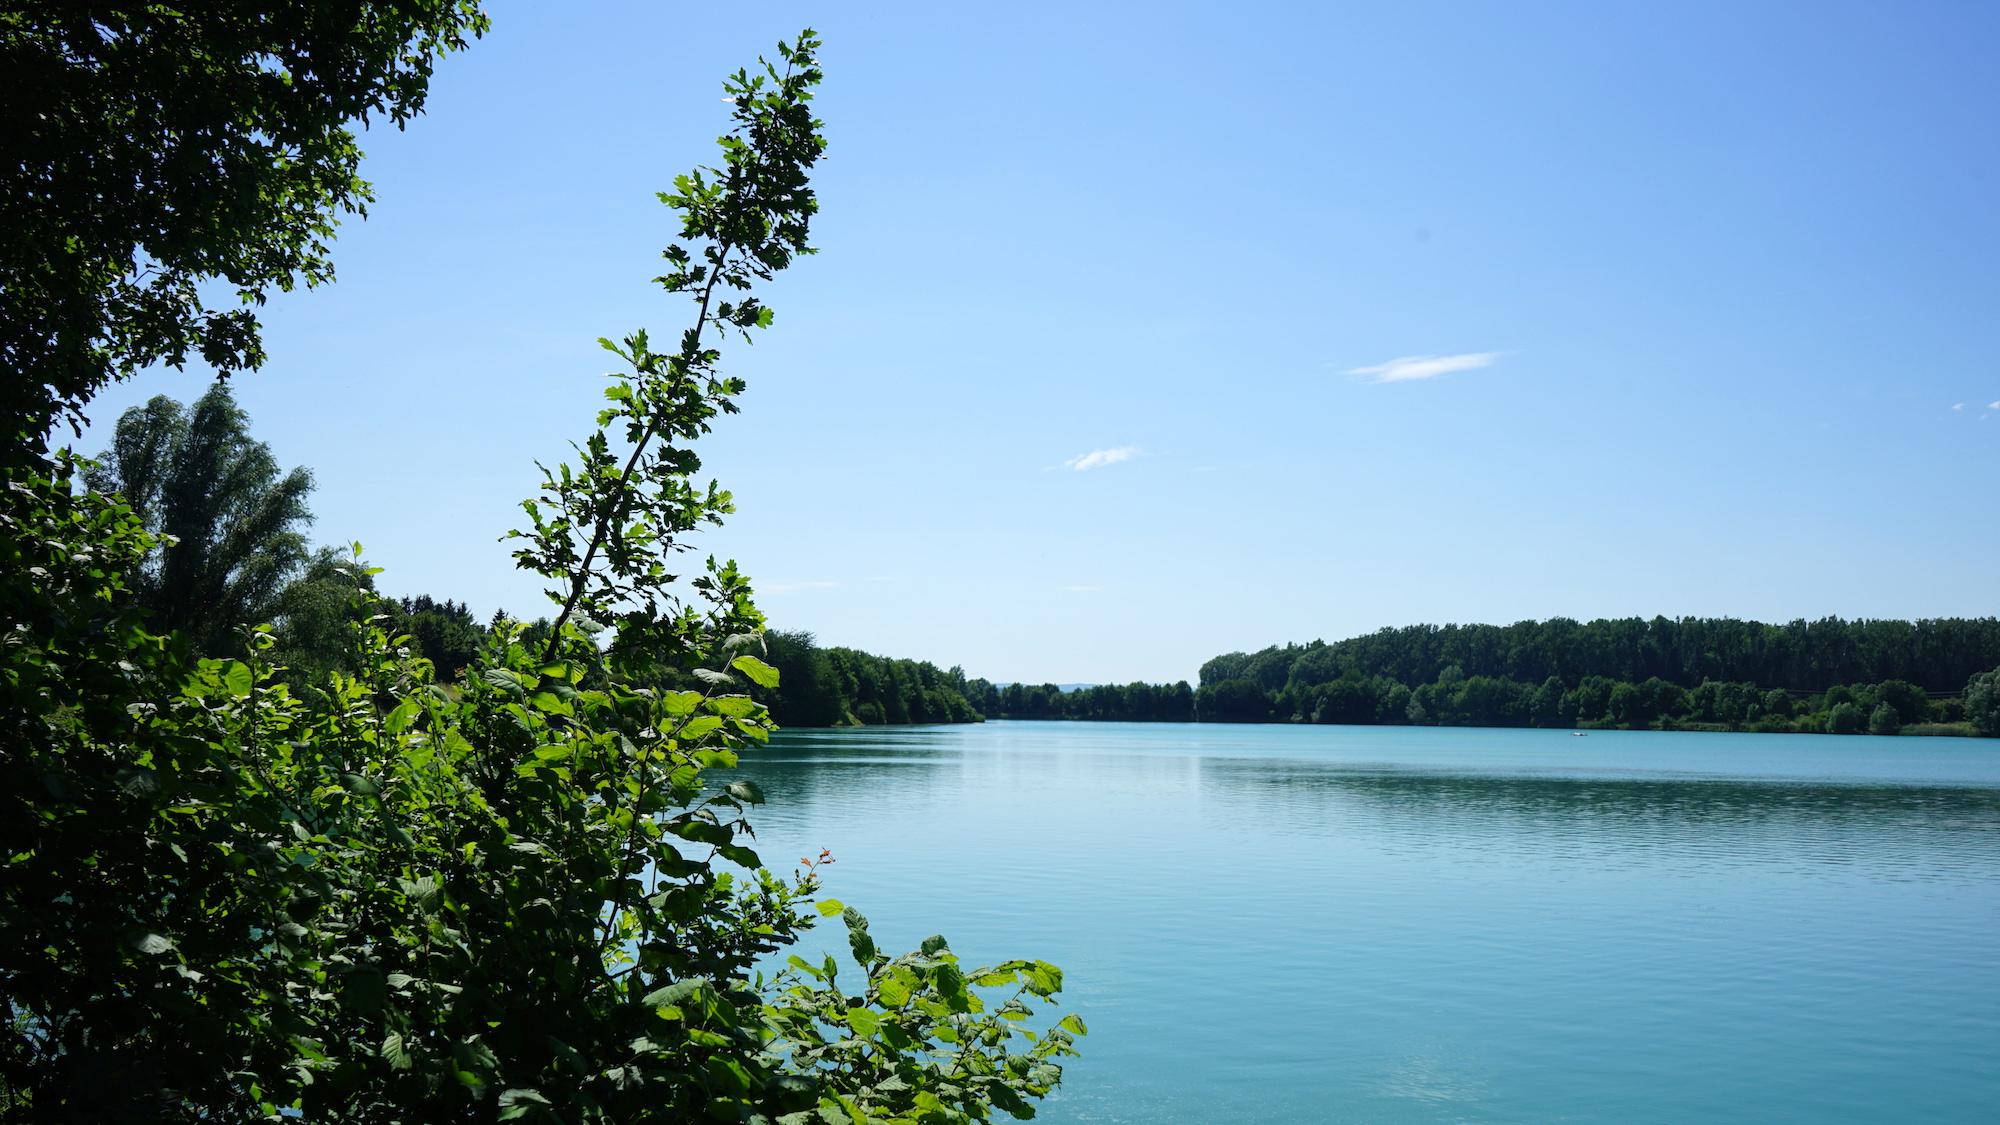 Nördliches Harzvorland: See zwischen Heiningen und Börßum / Beate Ziehres